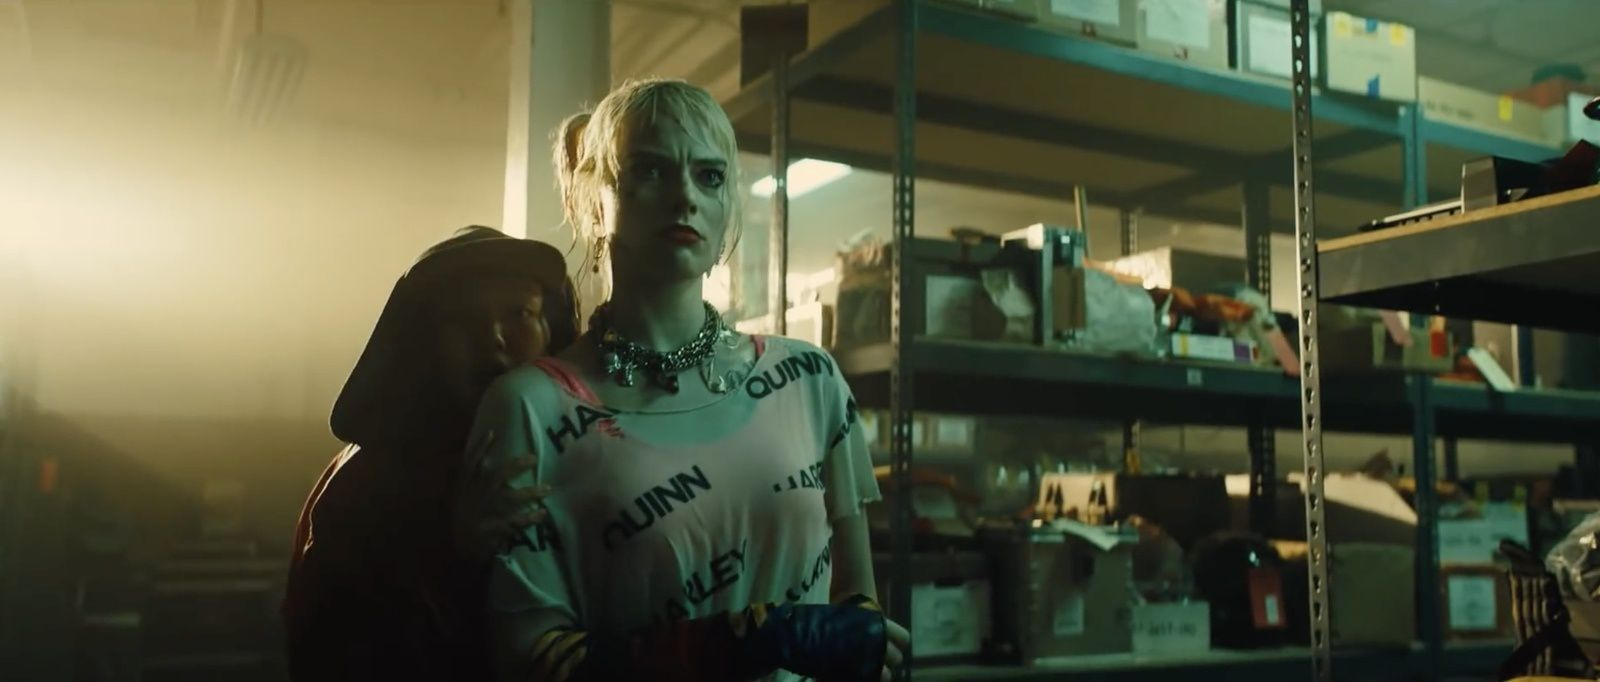 Bande-annonce, en version française, de Birds Of Prey, avec Margot Robbie.